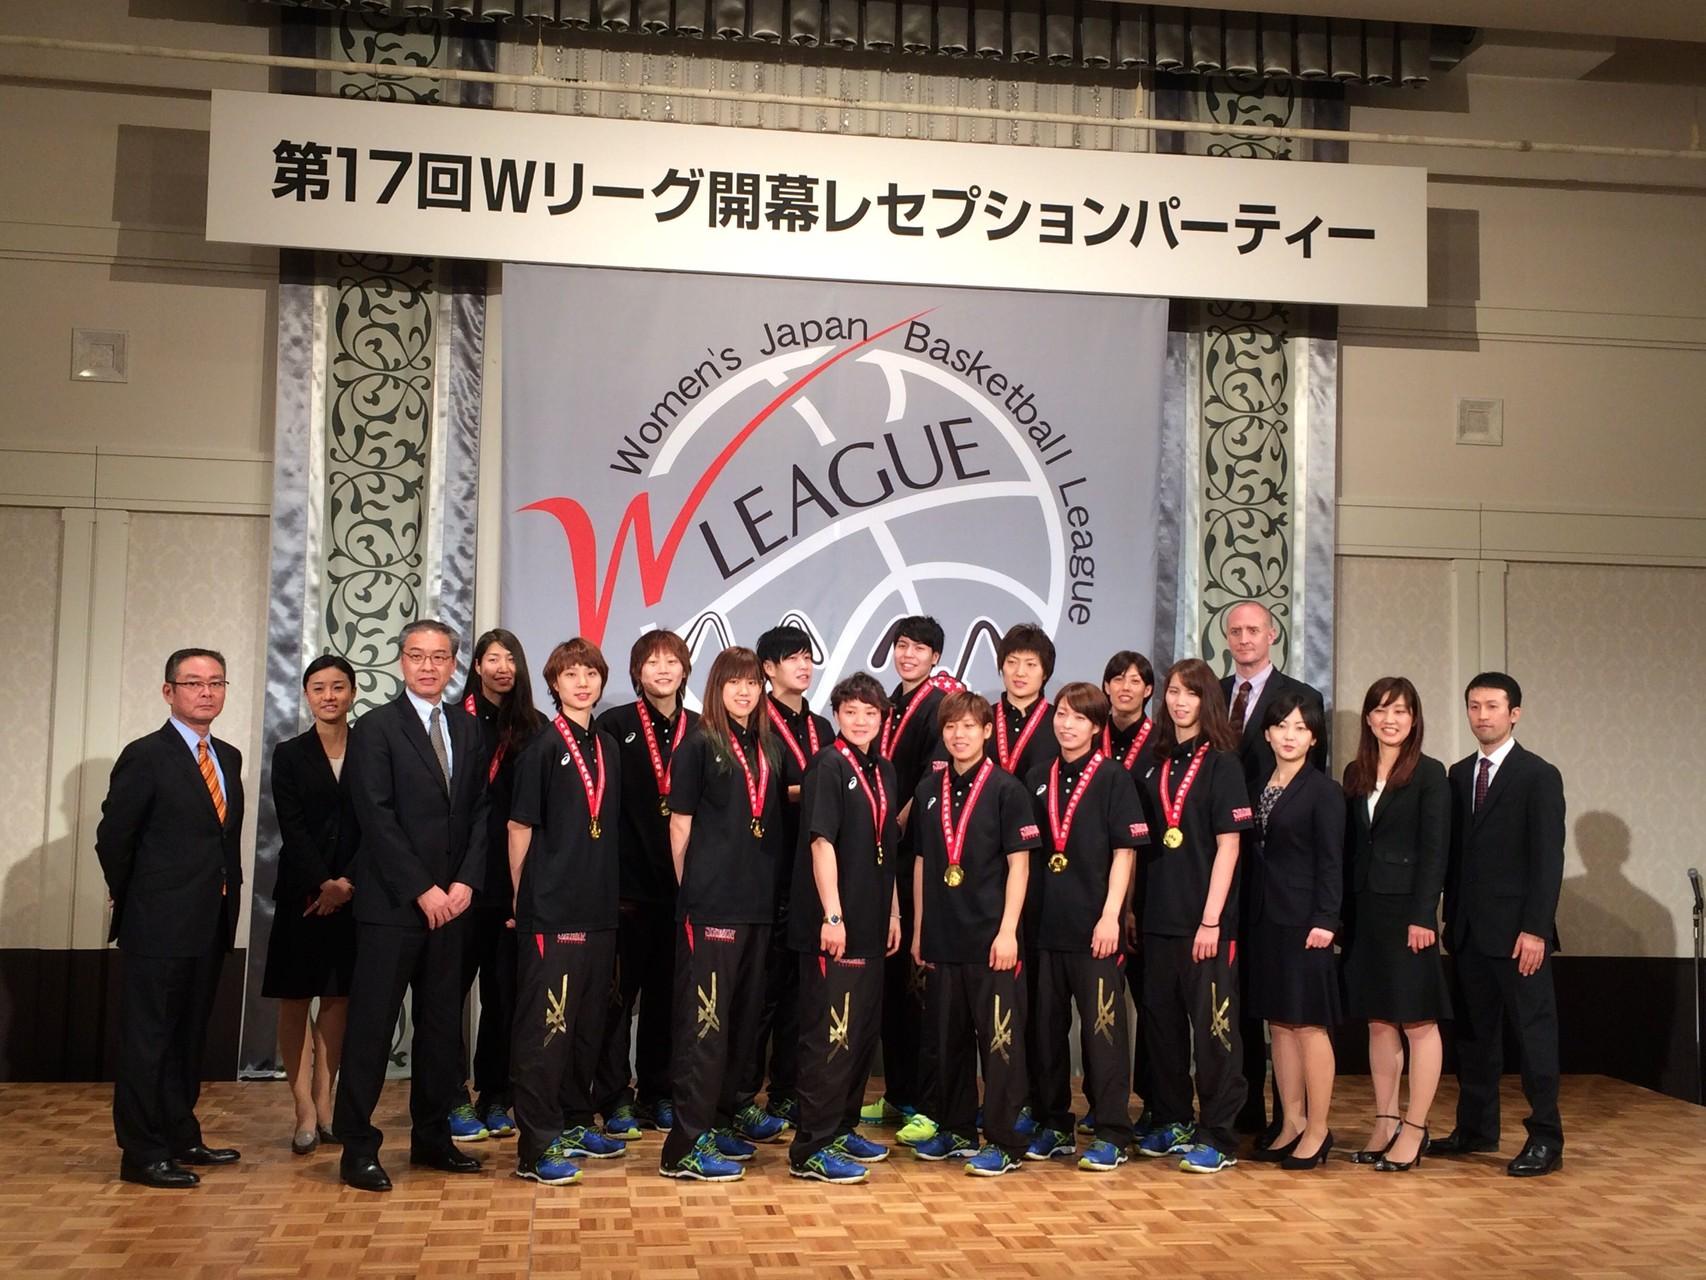 日本代表メンバー(左から6人目 高田真希選手)